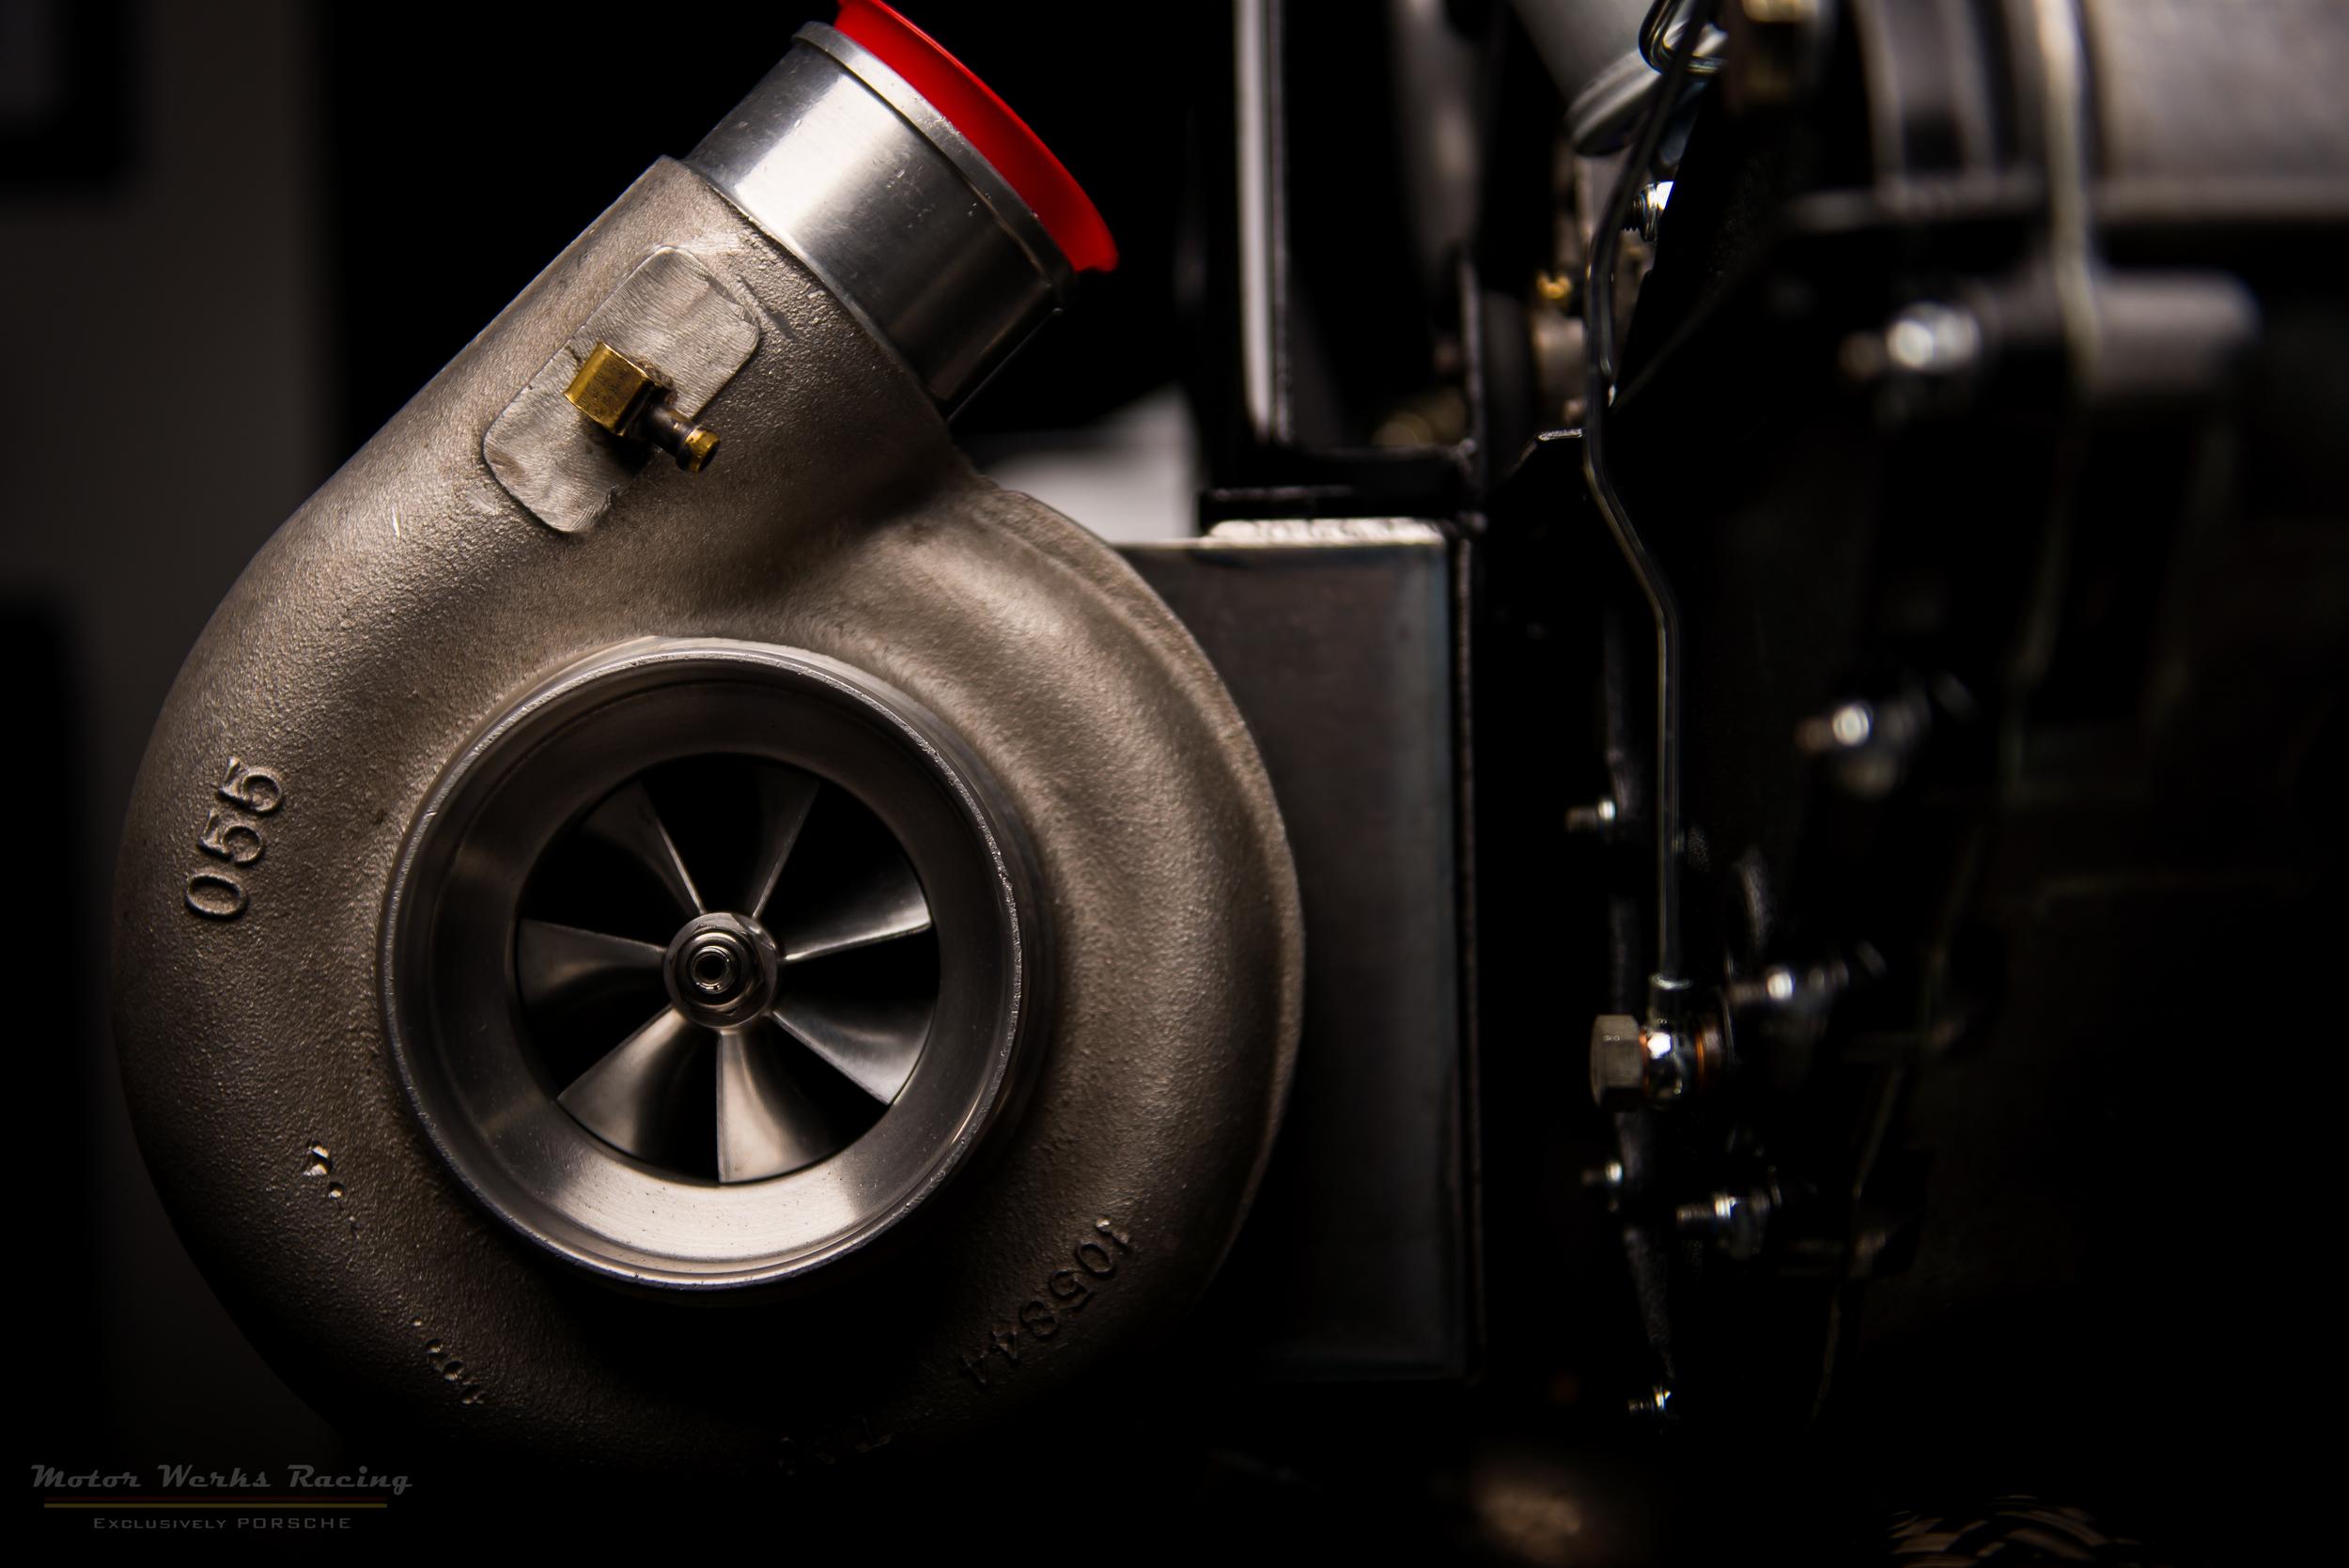 Porsche 911 Turbo Engine Rebuild